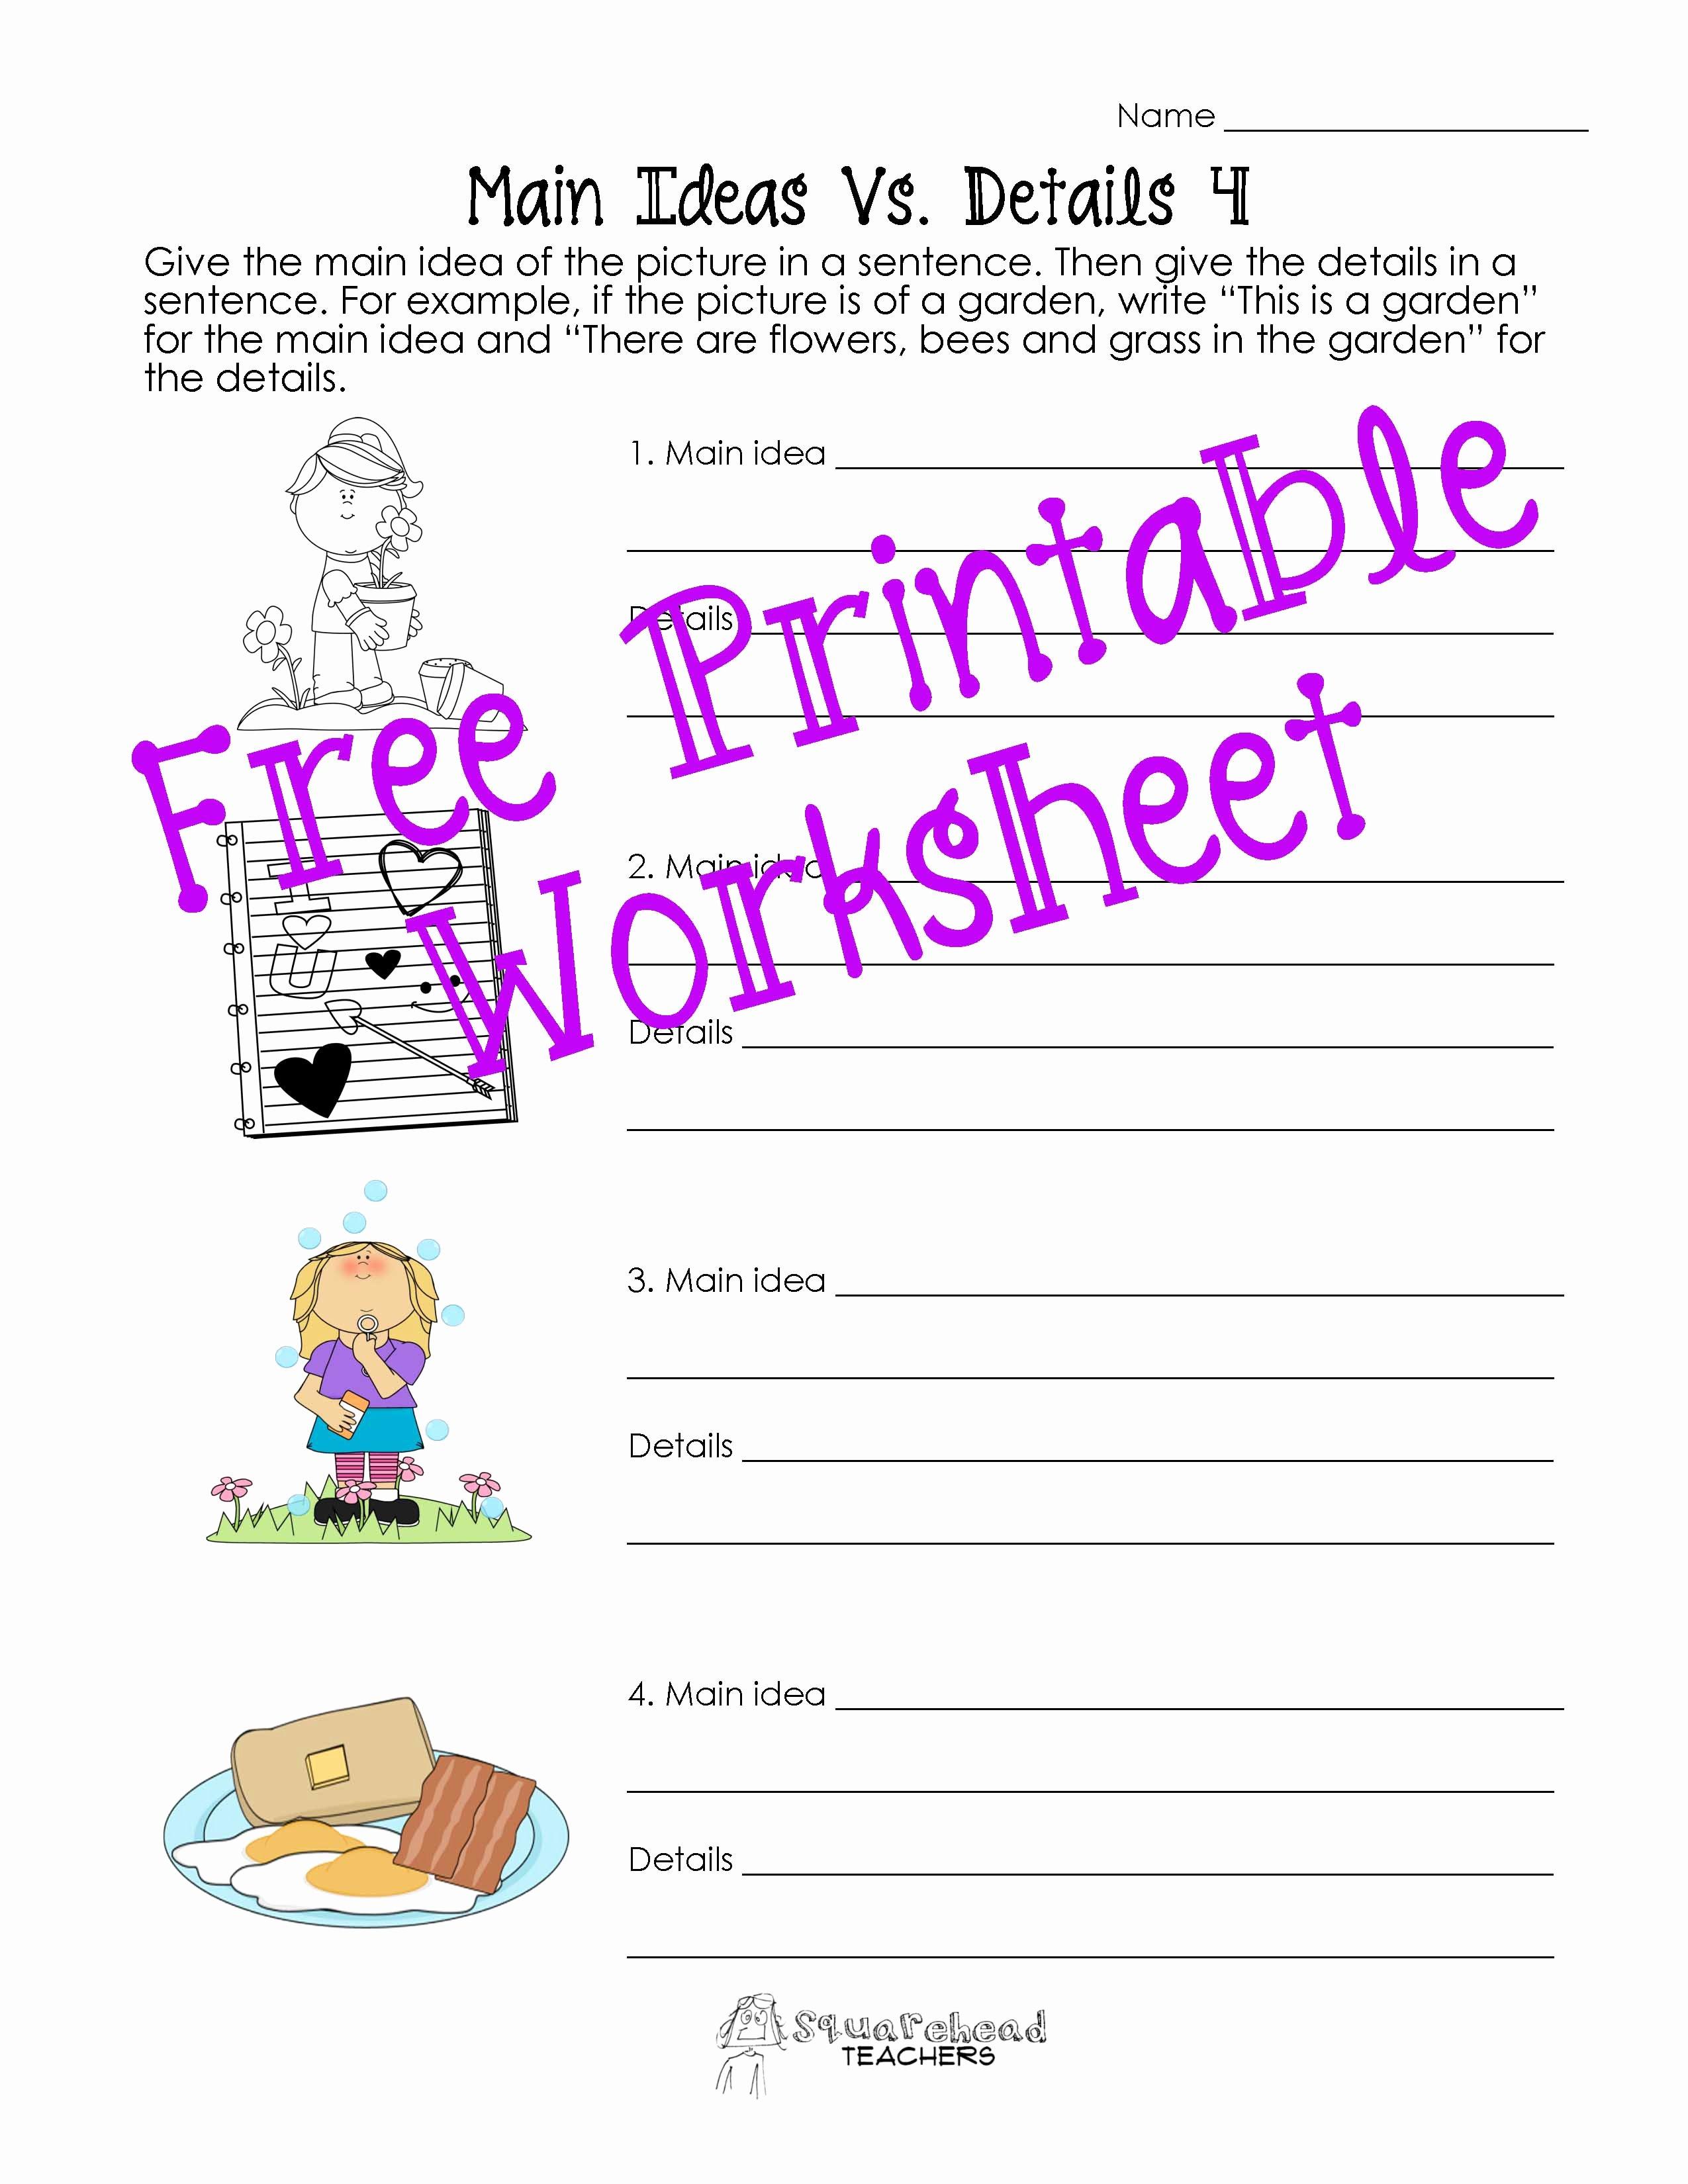 Main Idea Worksheet 2nd Grade Unique Main Idea Vs Details Worksheets Post 2